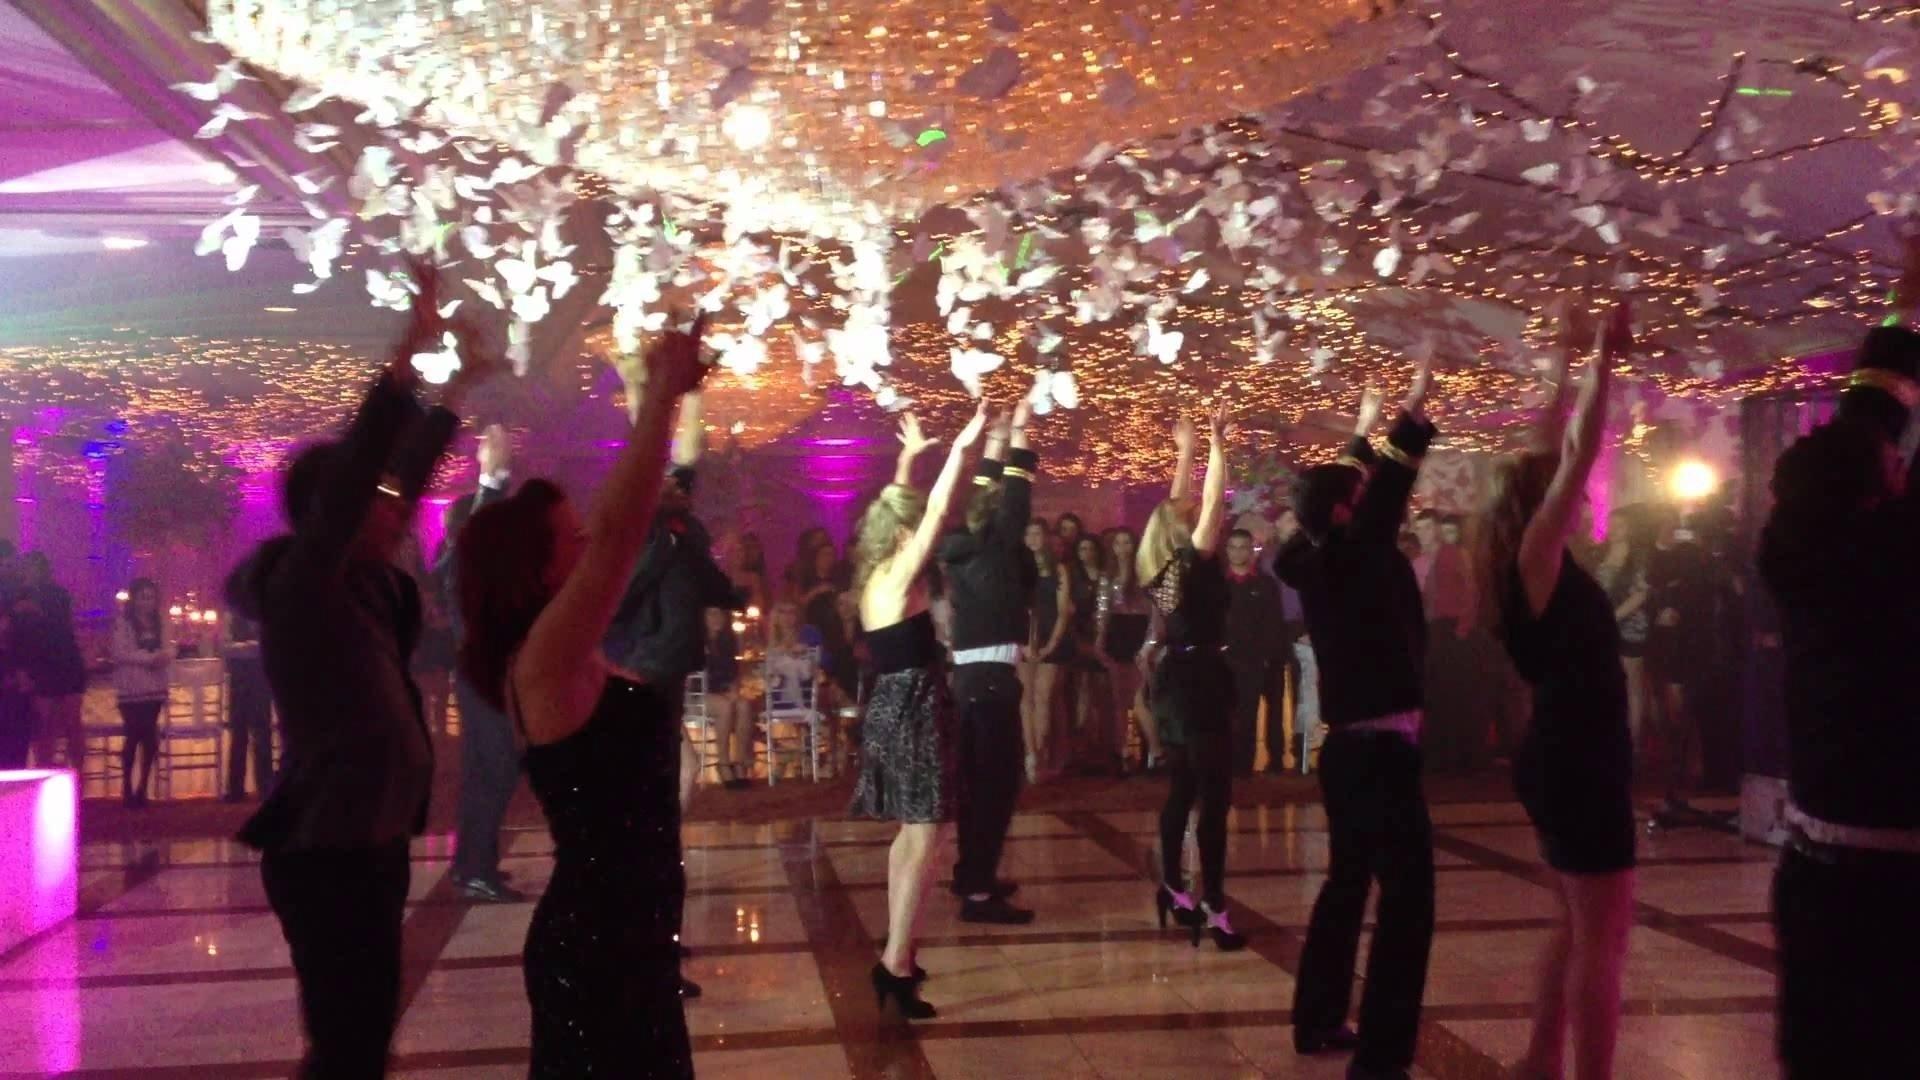 10 Stylish Fun Sweet 16 Party Ideas amandas sweet 16 entrance 3 3 12 youtube 1